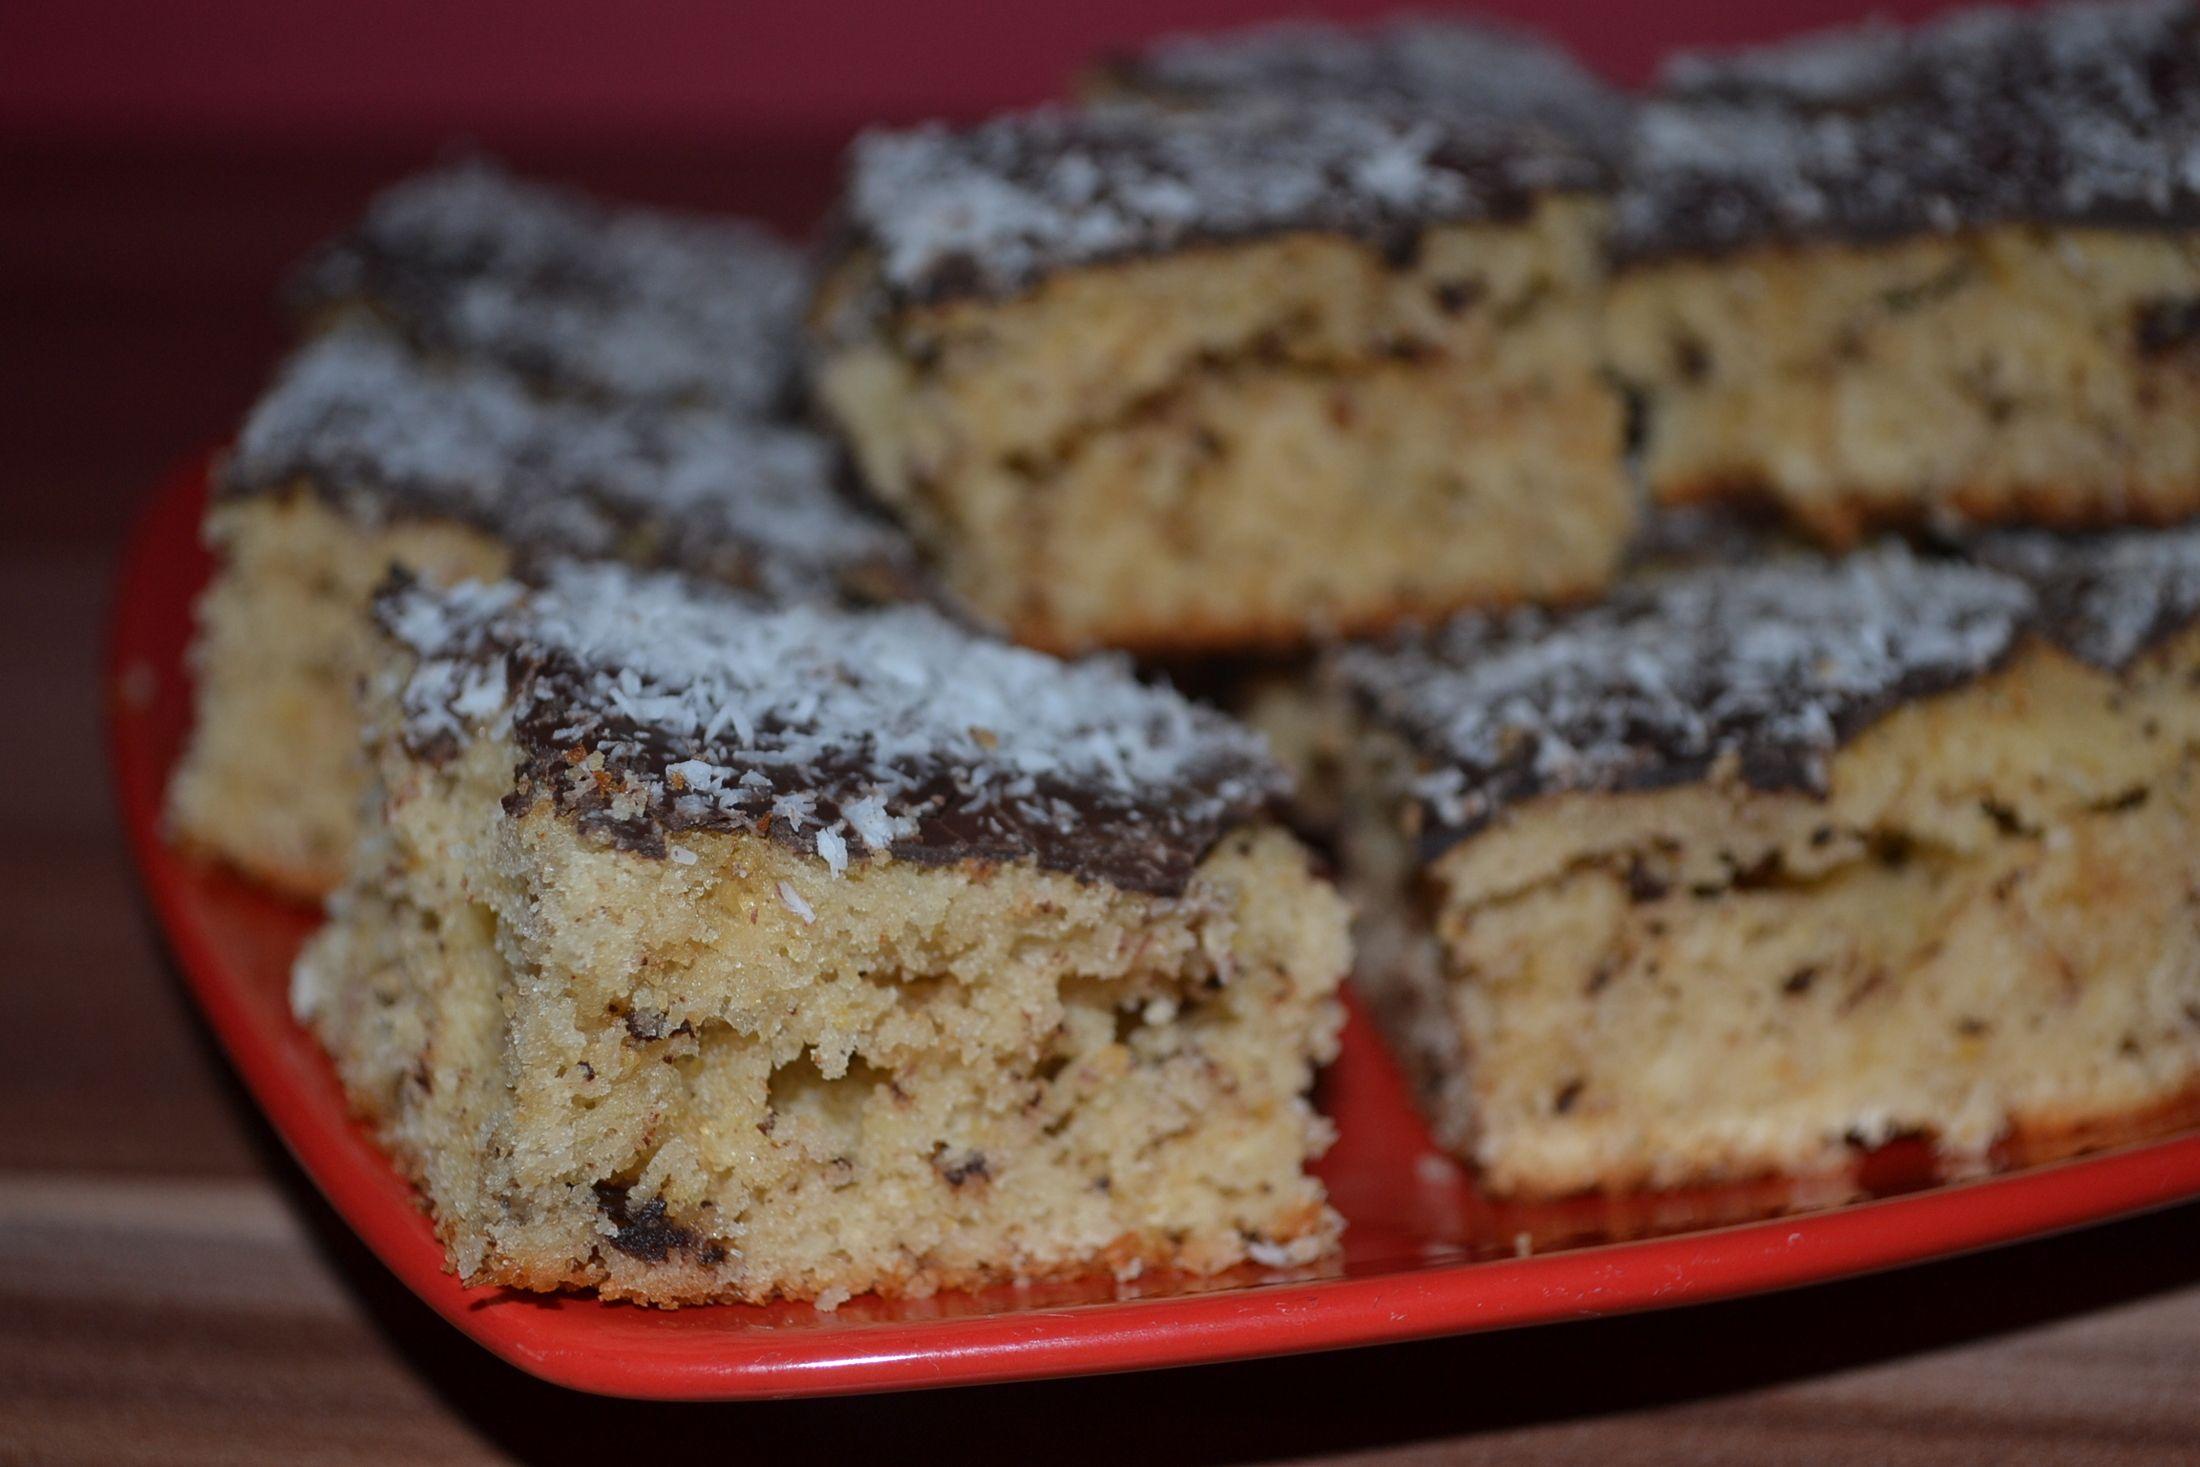 Recept Řezy Margot s čokoládovou polevou - Řezy Margot s čokoládovou polevou